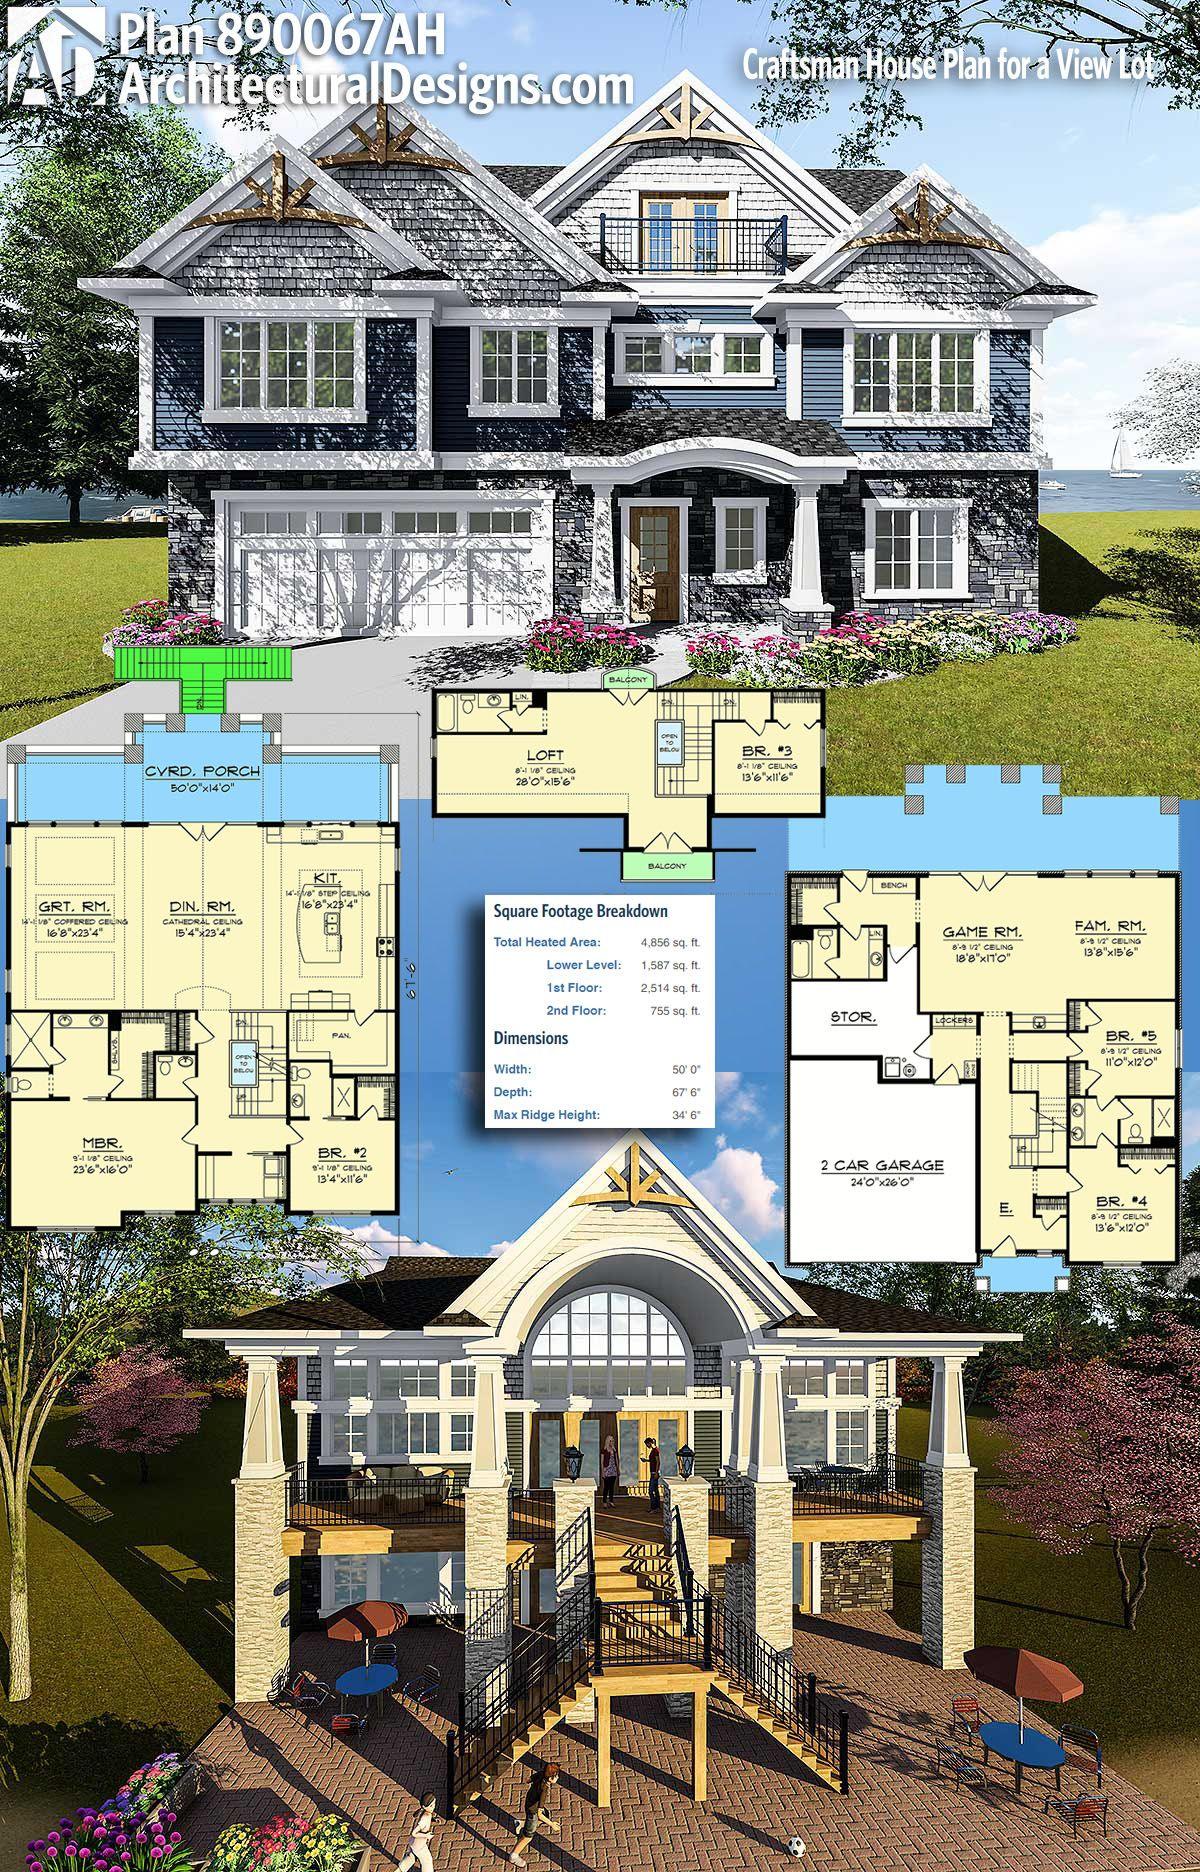 Plan 890067AH Craftsman House Plan for